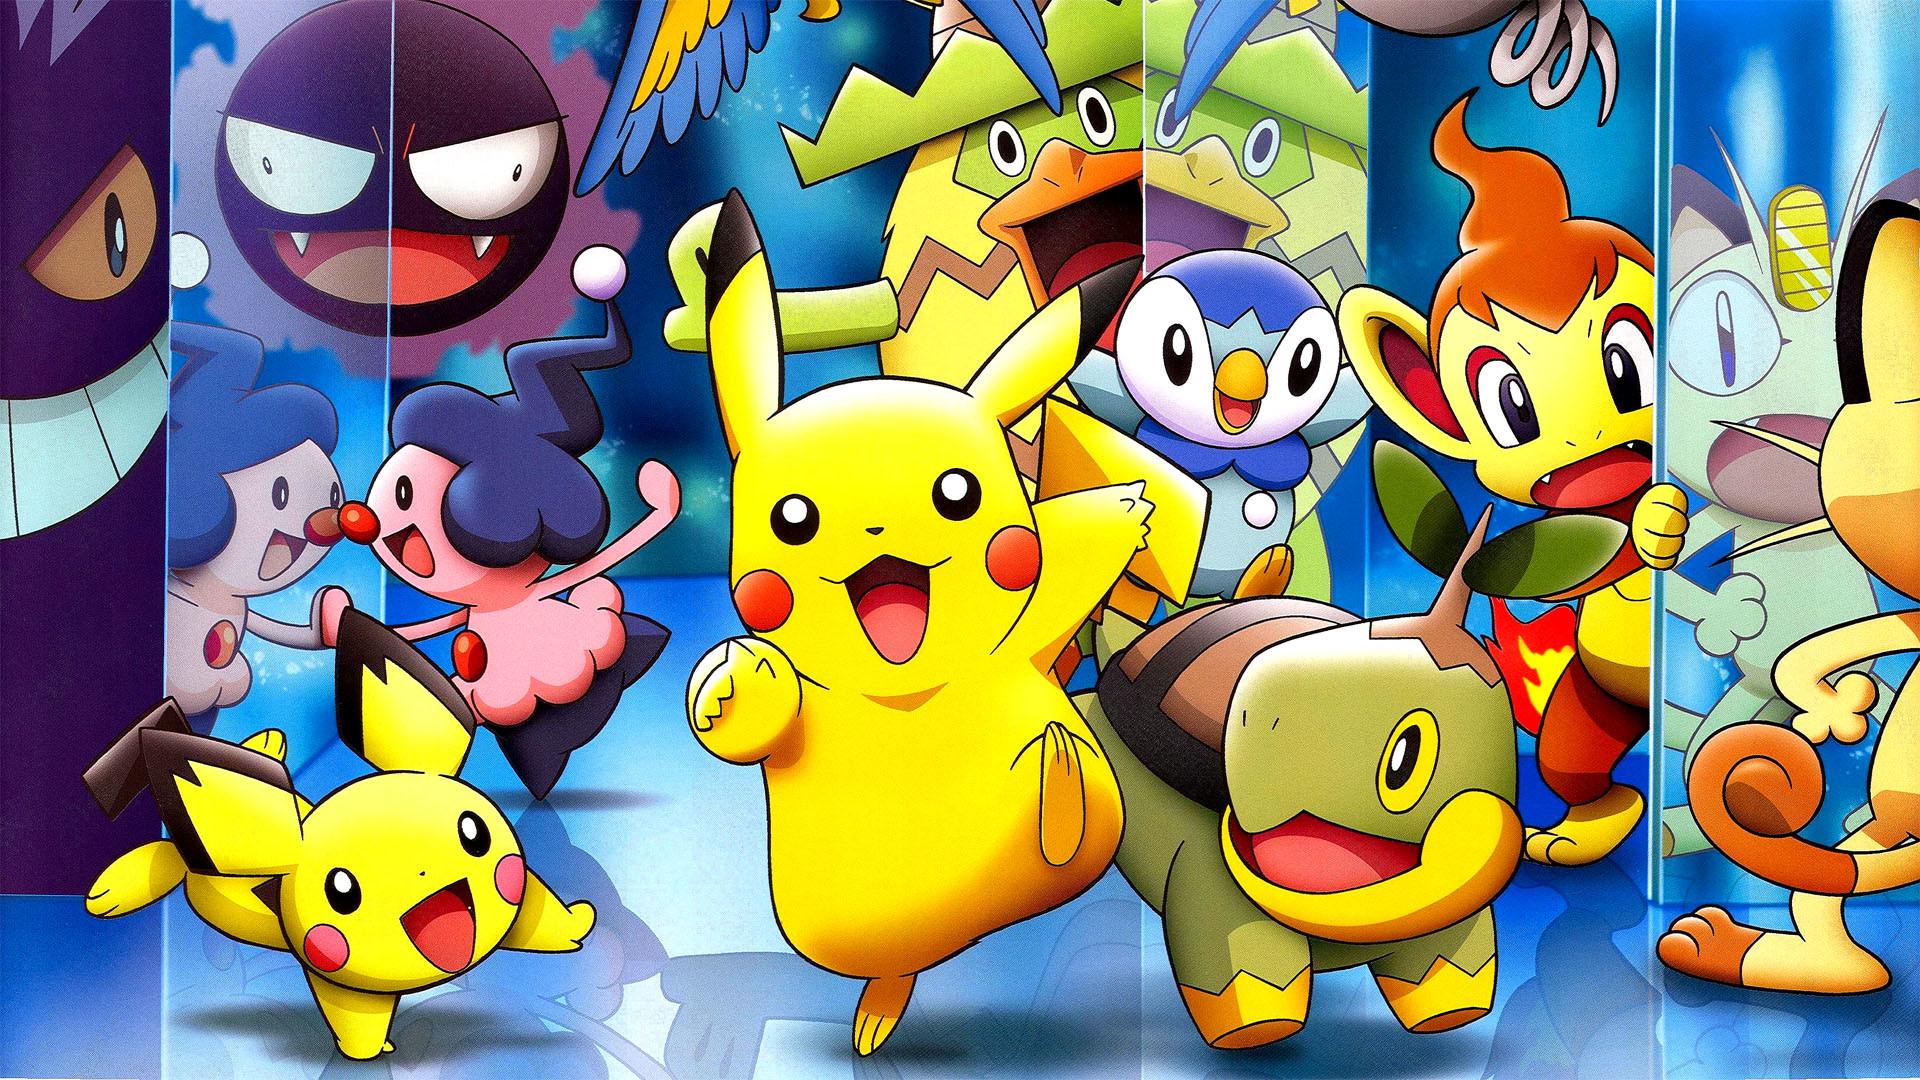 cute-pokemon-wallpaper-full-hd